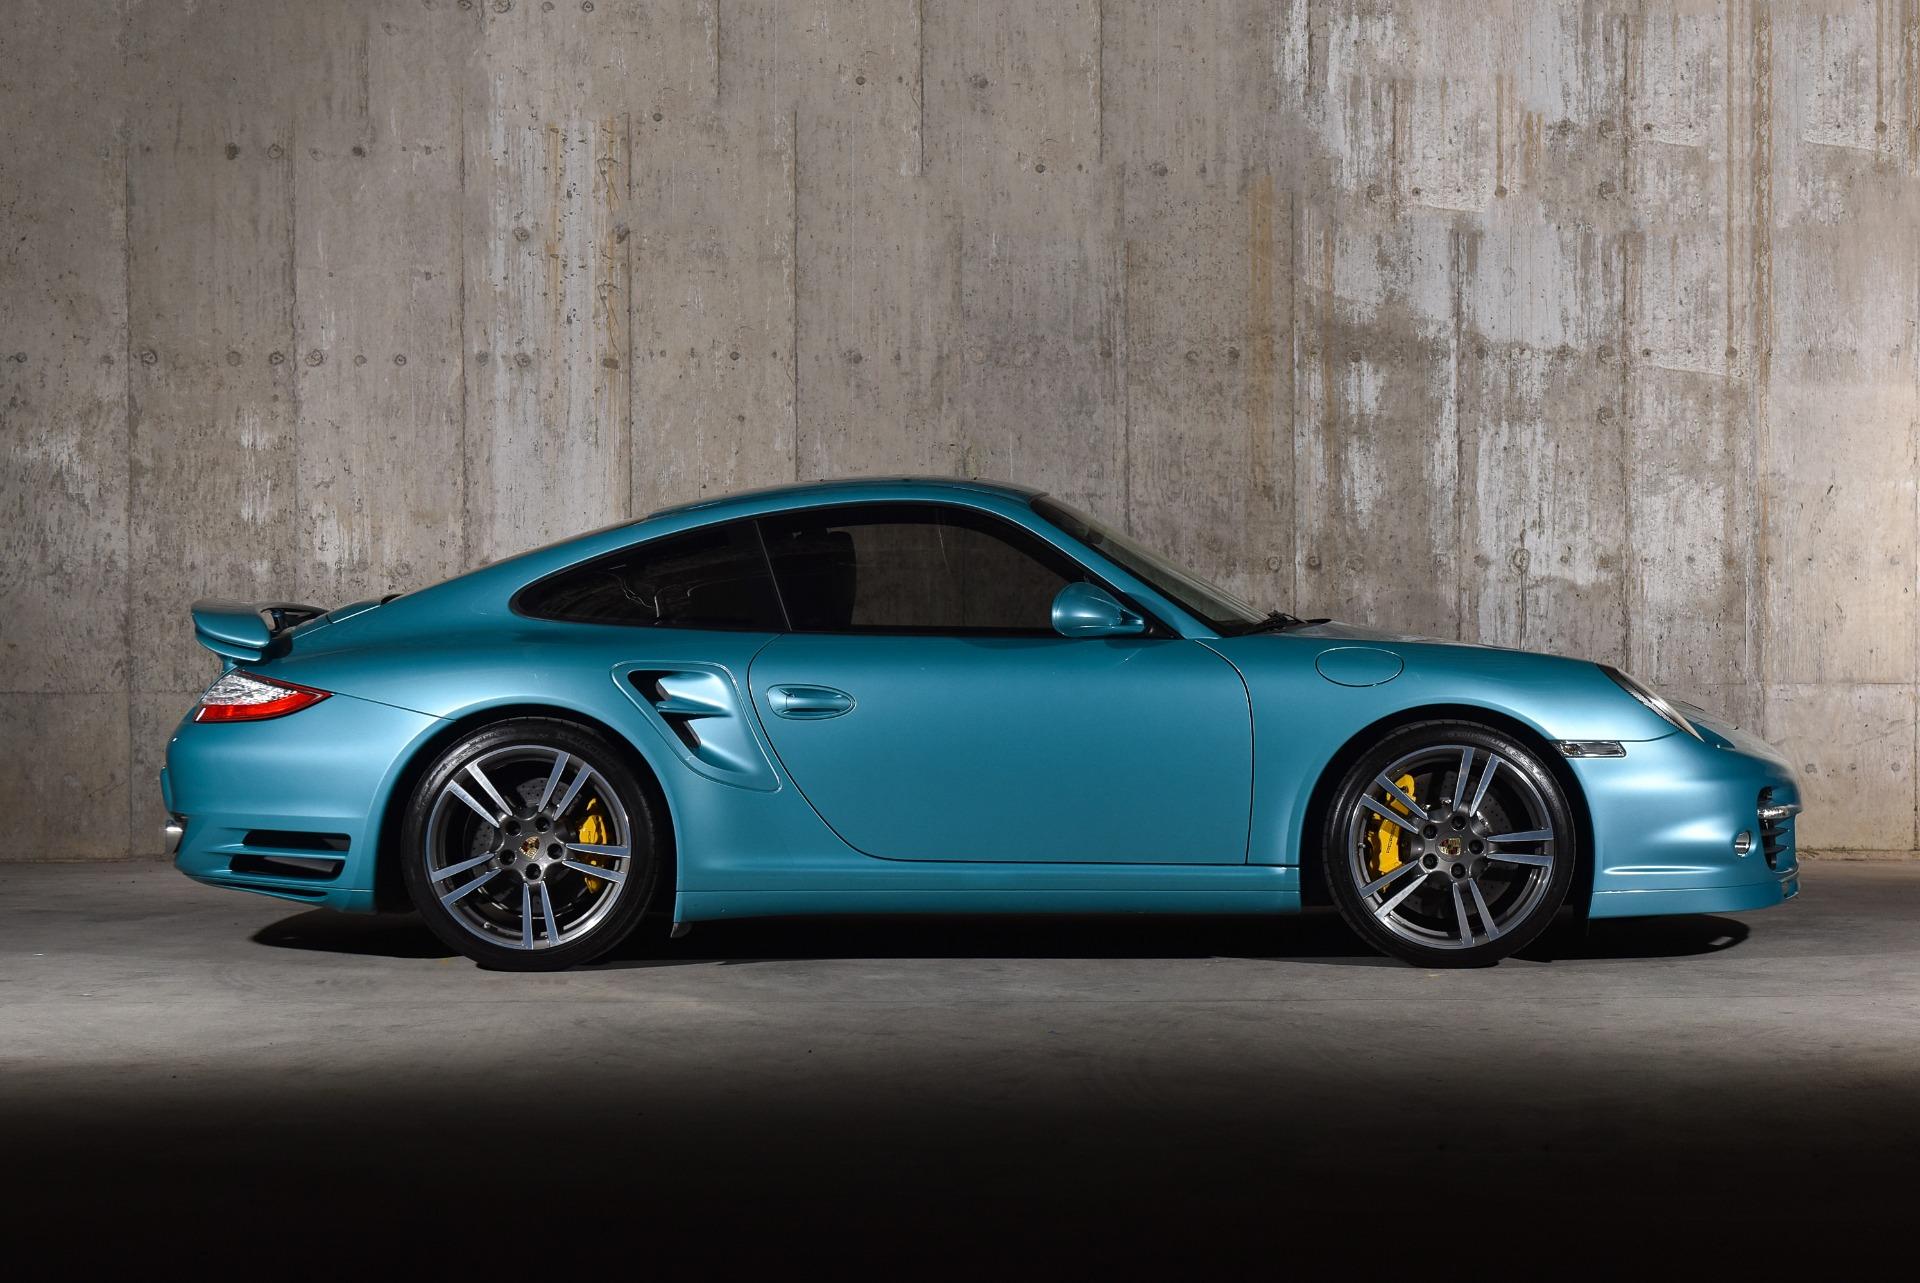 Used 2012 Porsche 911 Turbo S | Valley Stream, NY